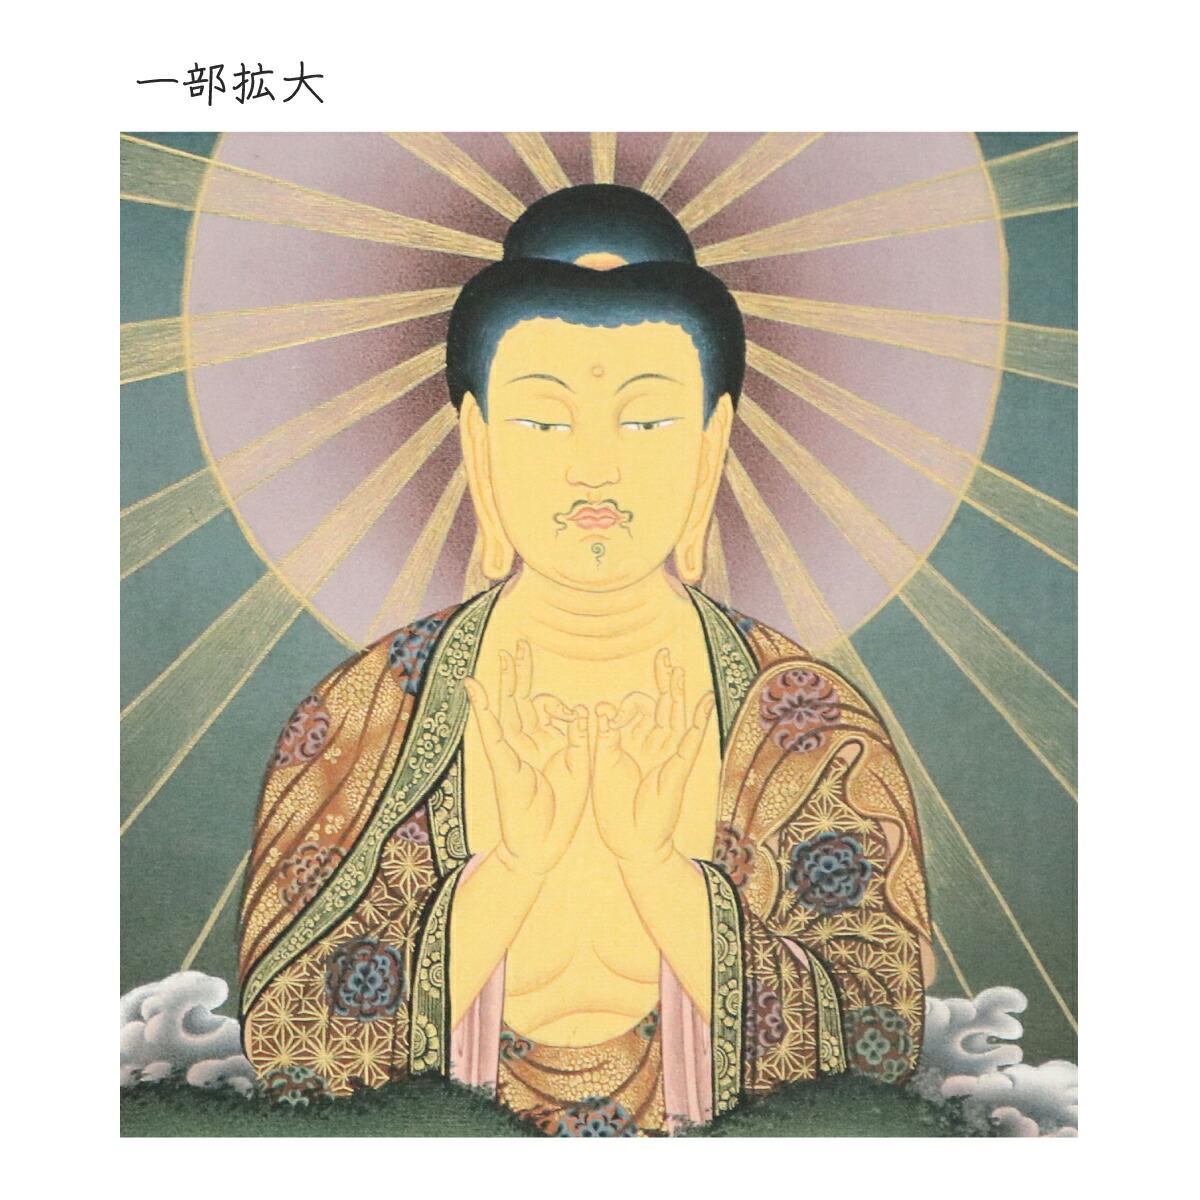 仏画色紙 山越え阿弥陀三尊